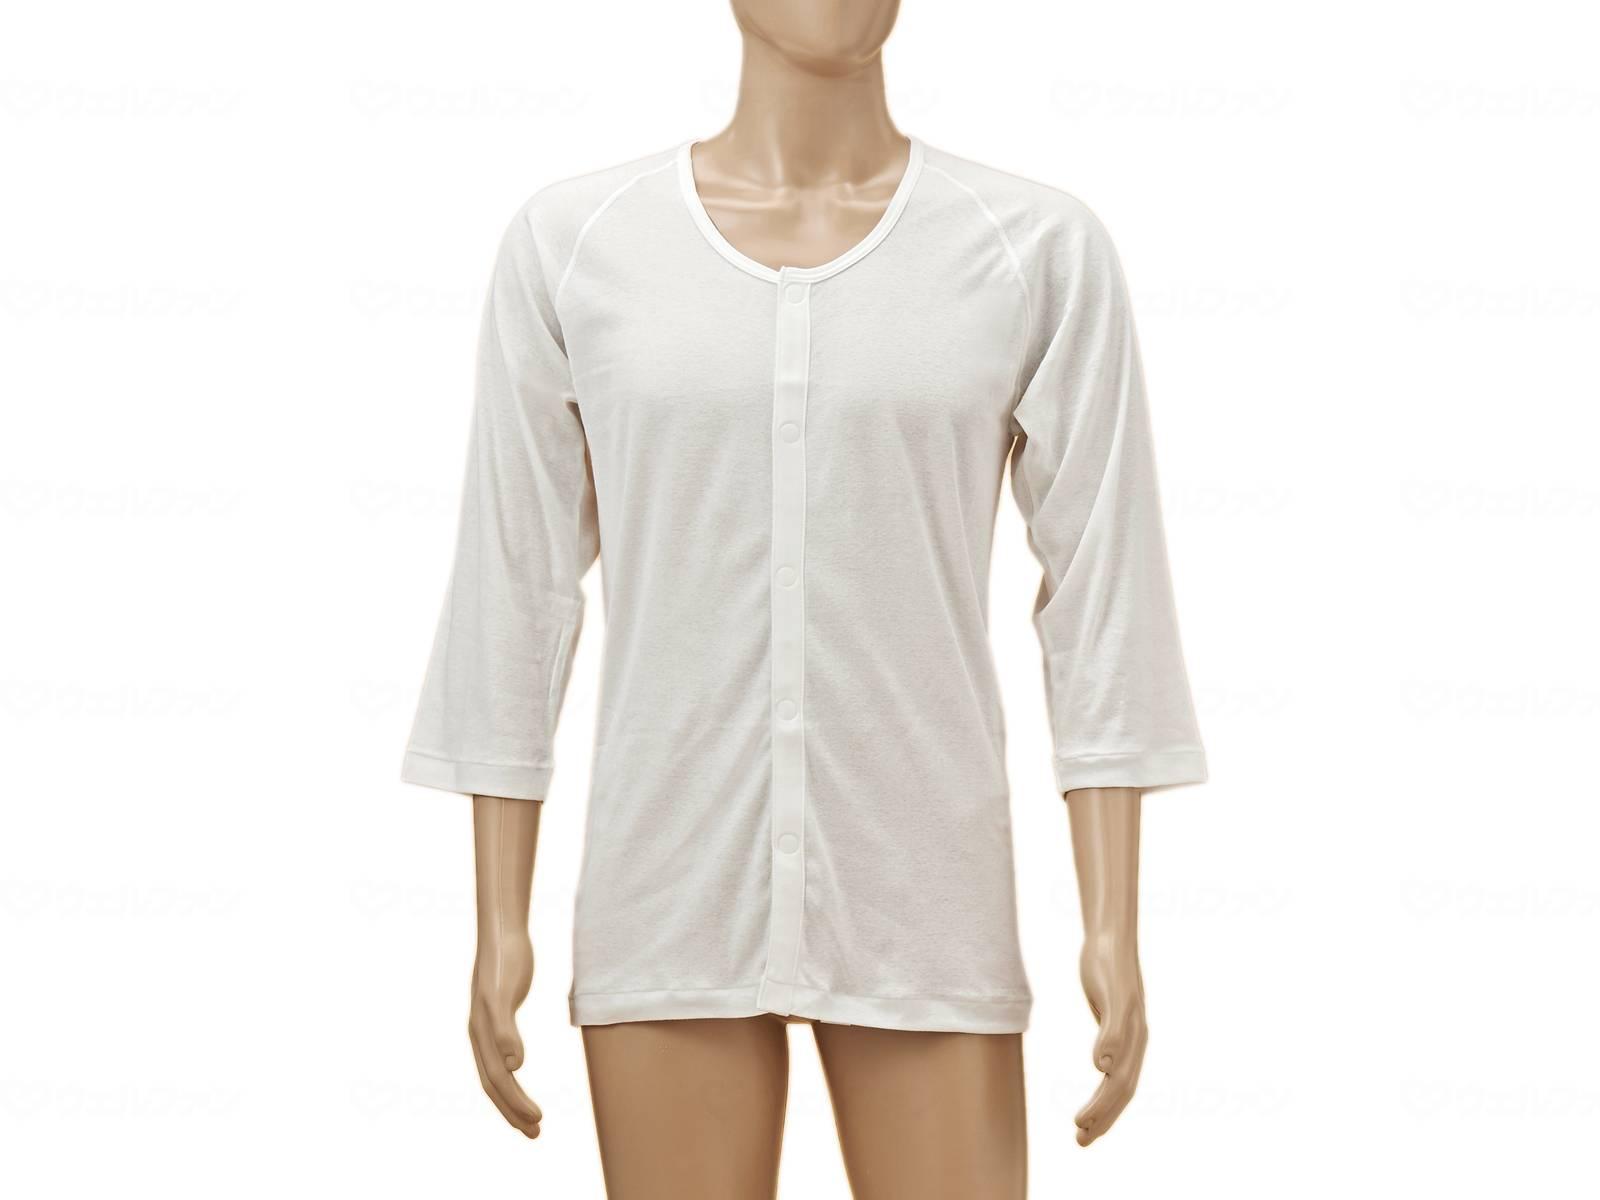 ひば前開き7分袖(ラグラン袖)紳士用の画像